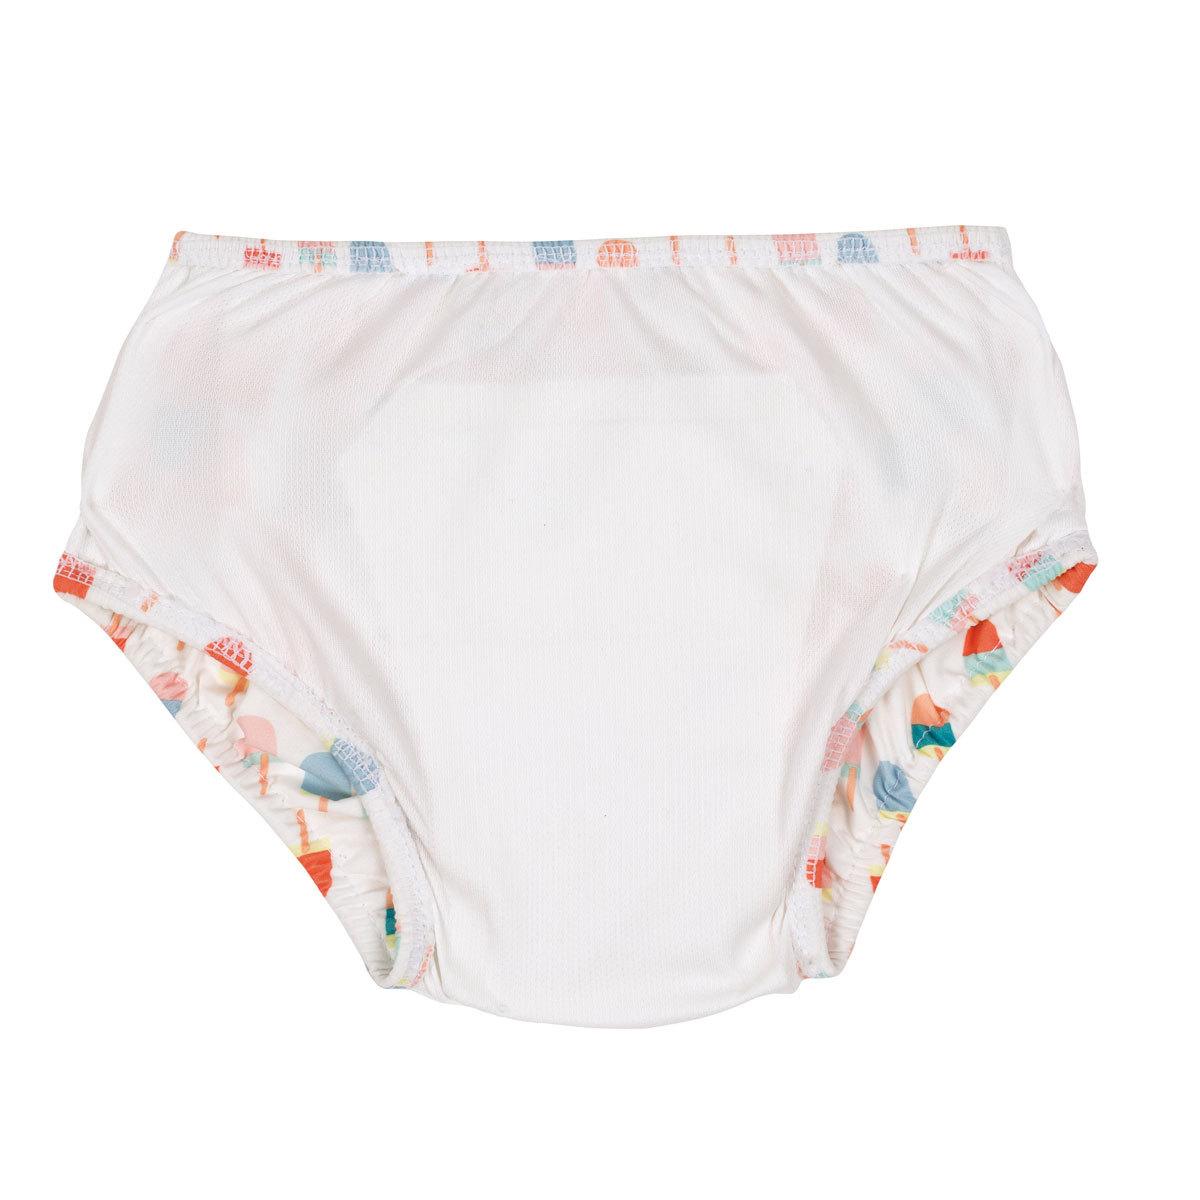 L ssig couche maillot de bain glaces 12 mois accessoires b b l ssig sur l 39 armoire de b b - Maillot de bain couche bebe ...